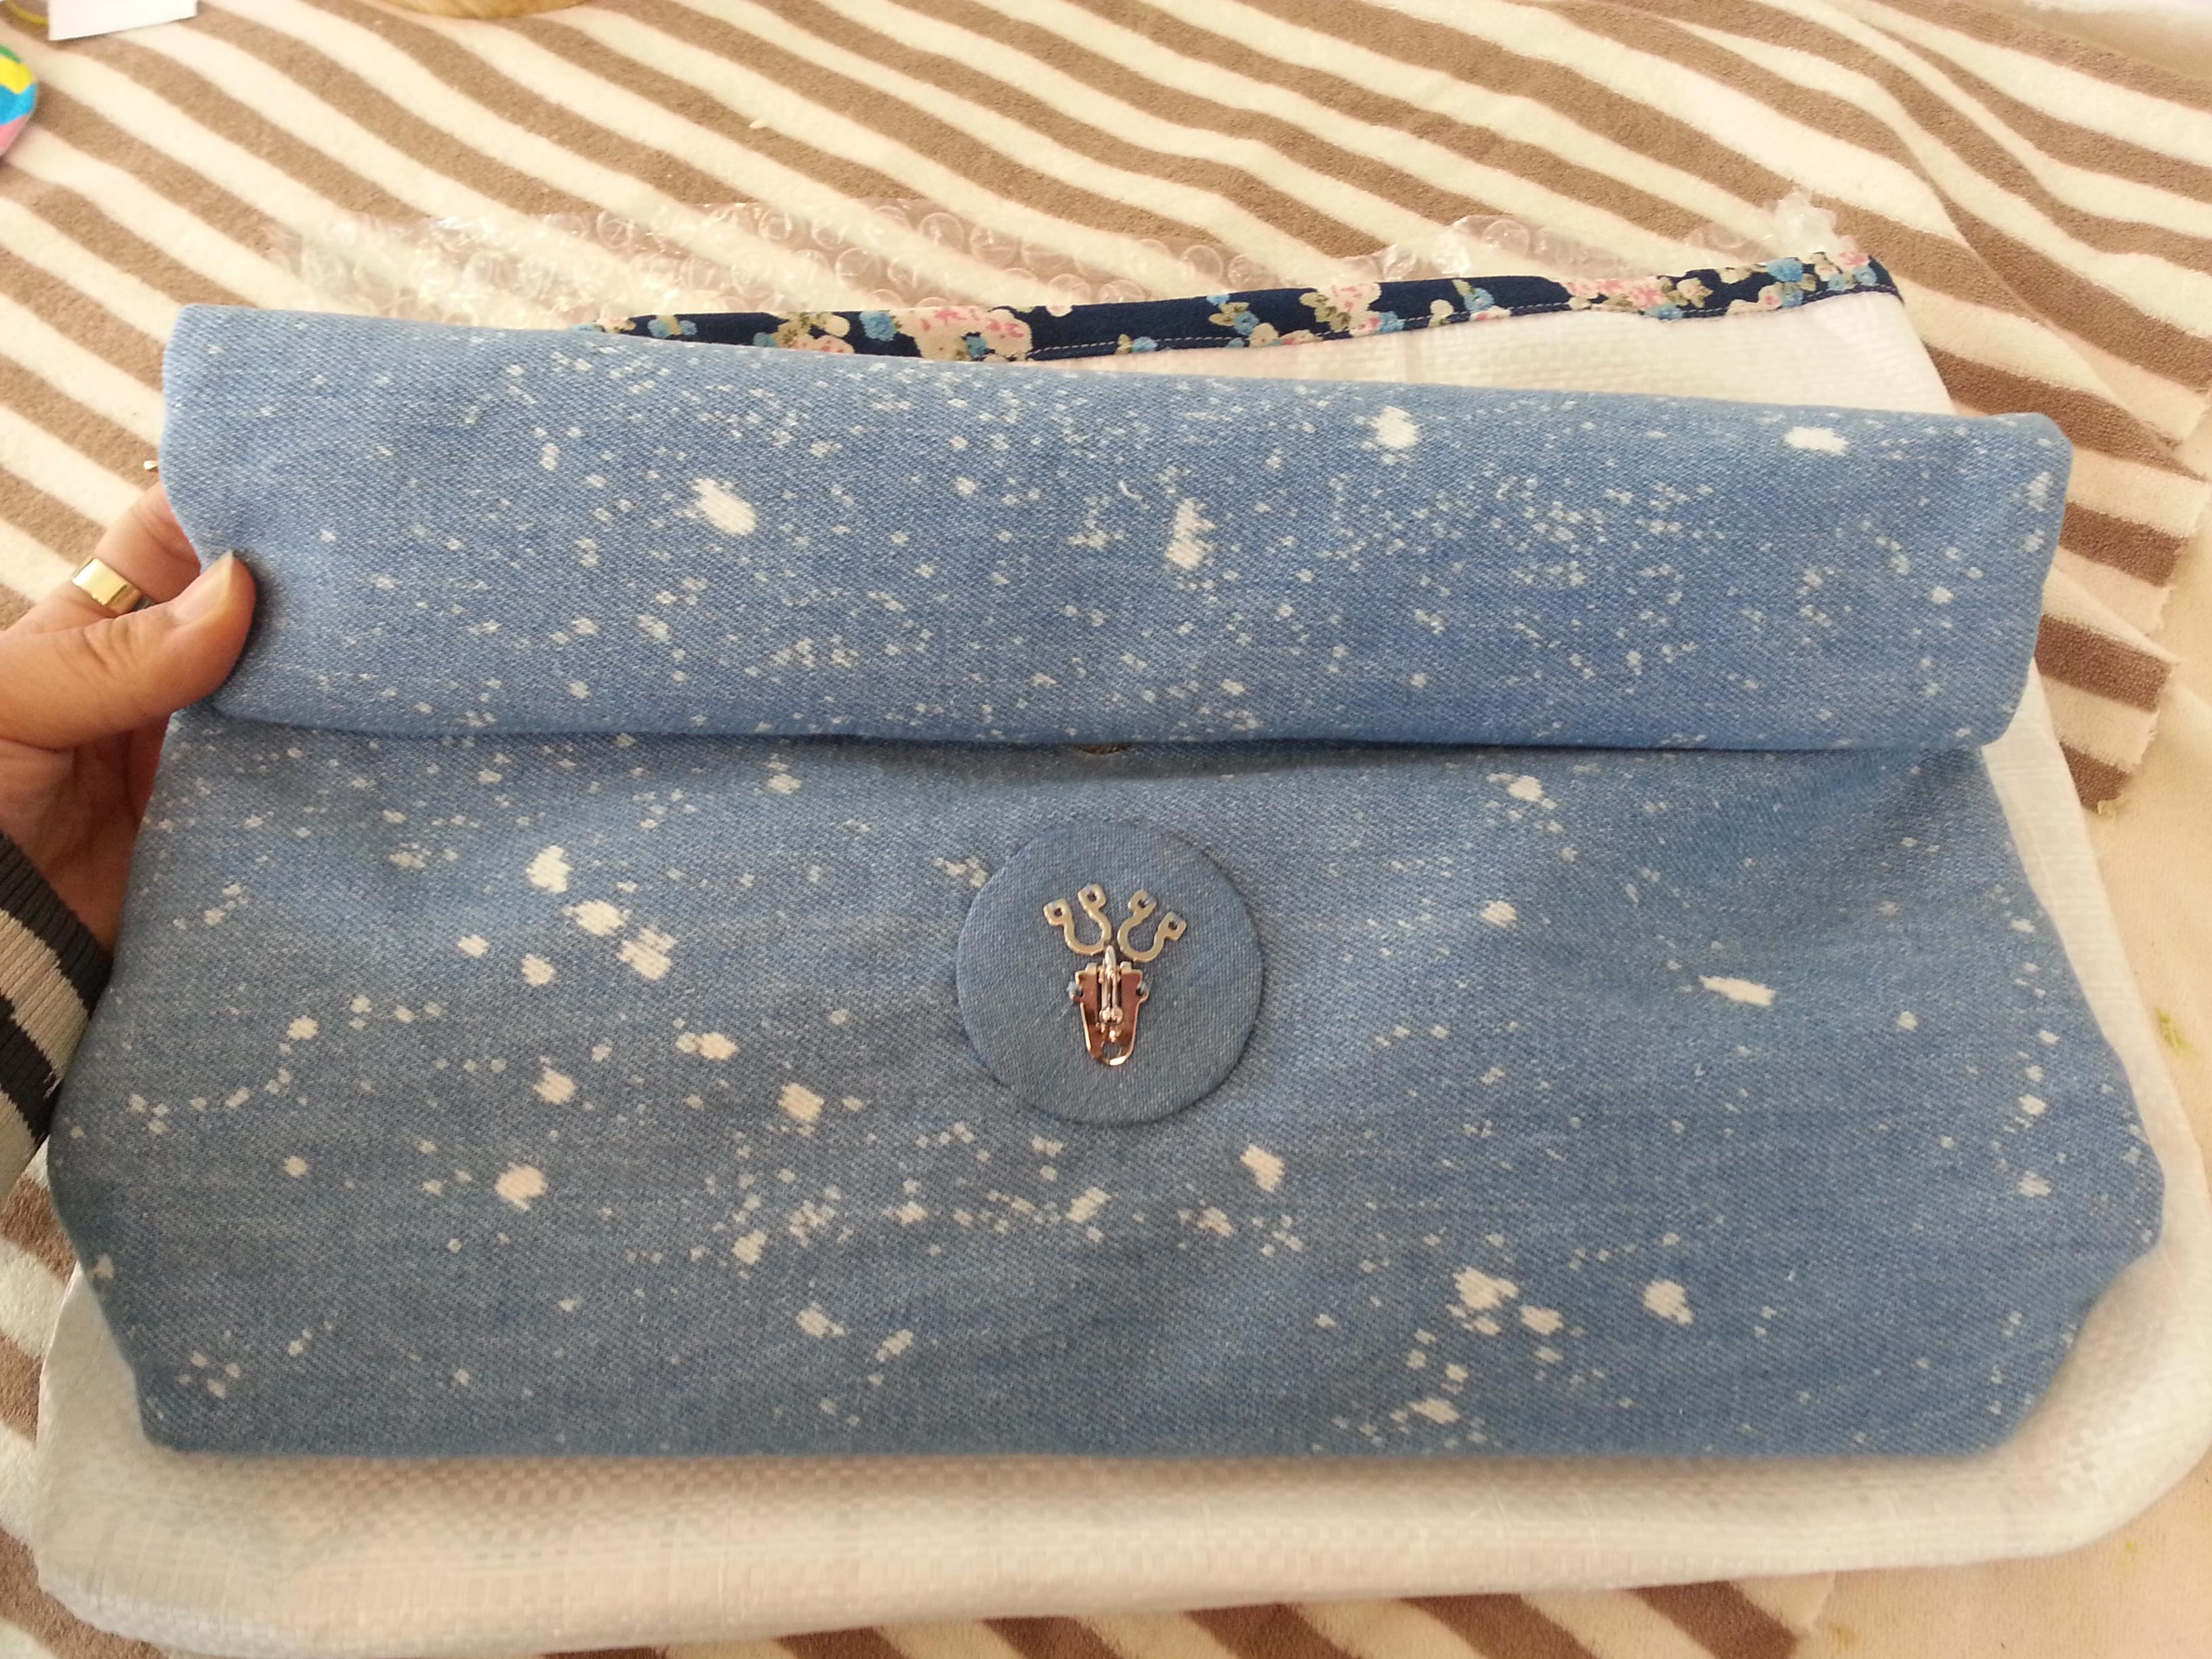 8acb68c37924 벚꽃 데님 파우치 베이비 블루 색상 주문했습니다.